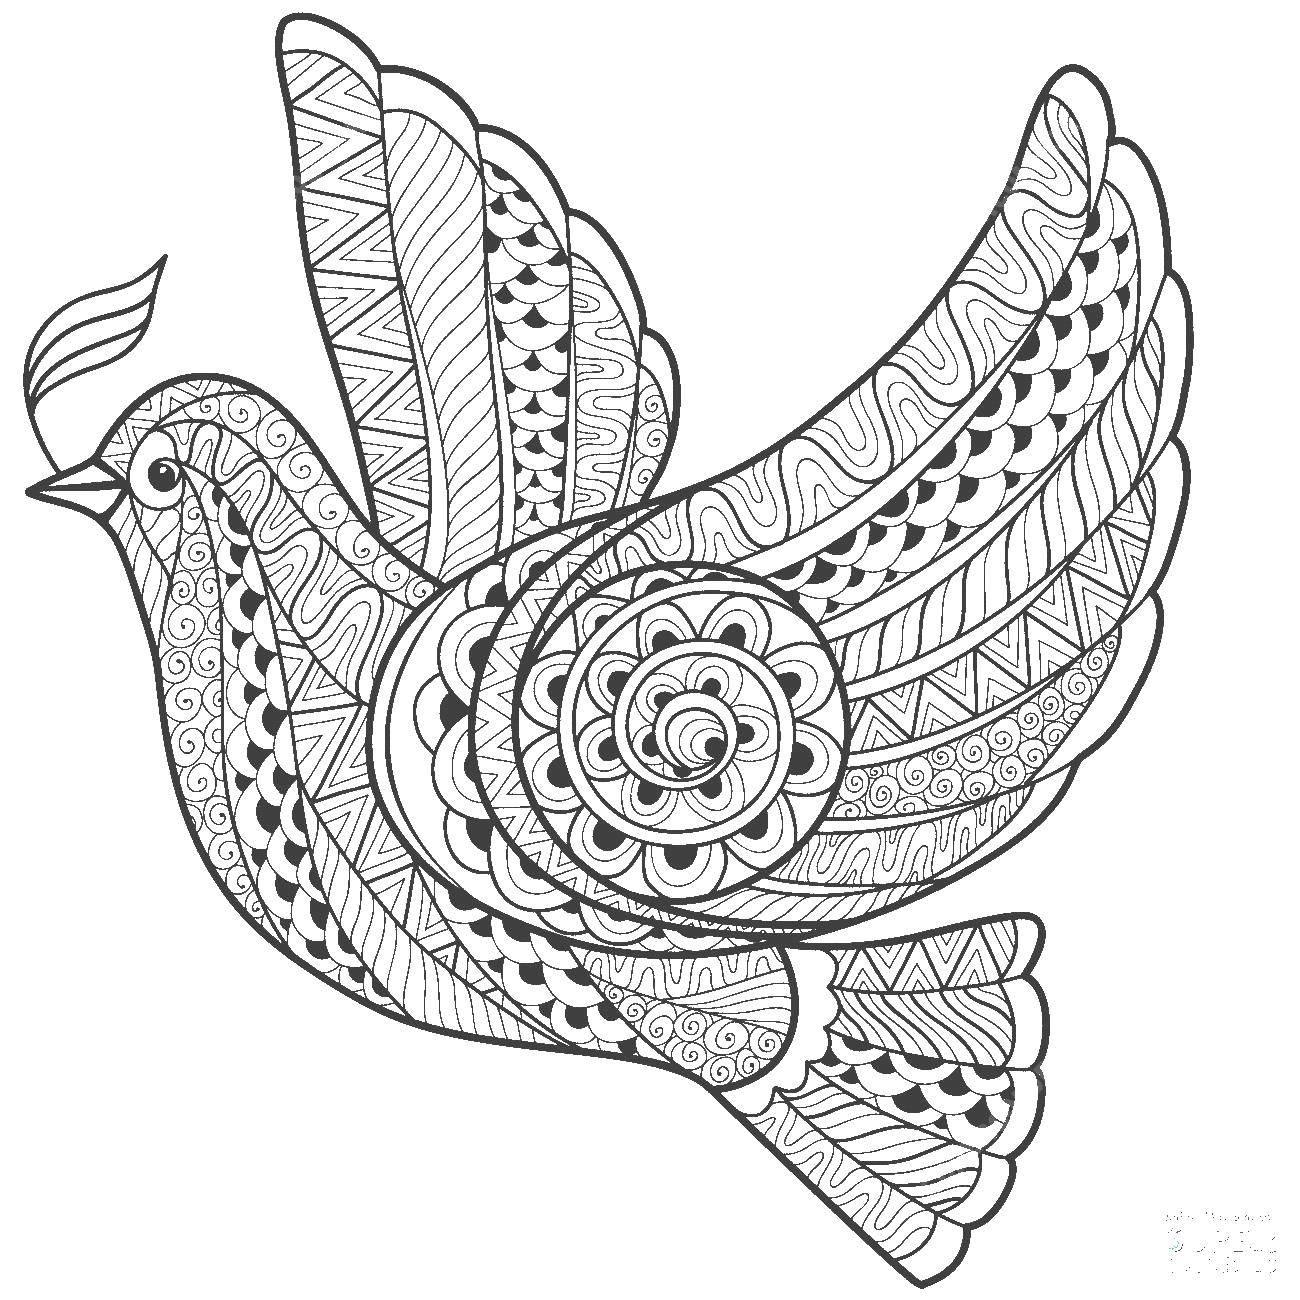 Раскраска Узорный голубь Скачать Узоры, геометрические.  Распечатать ,голубь мира,